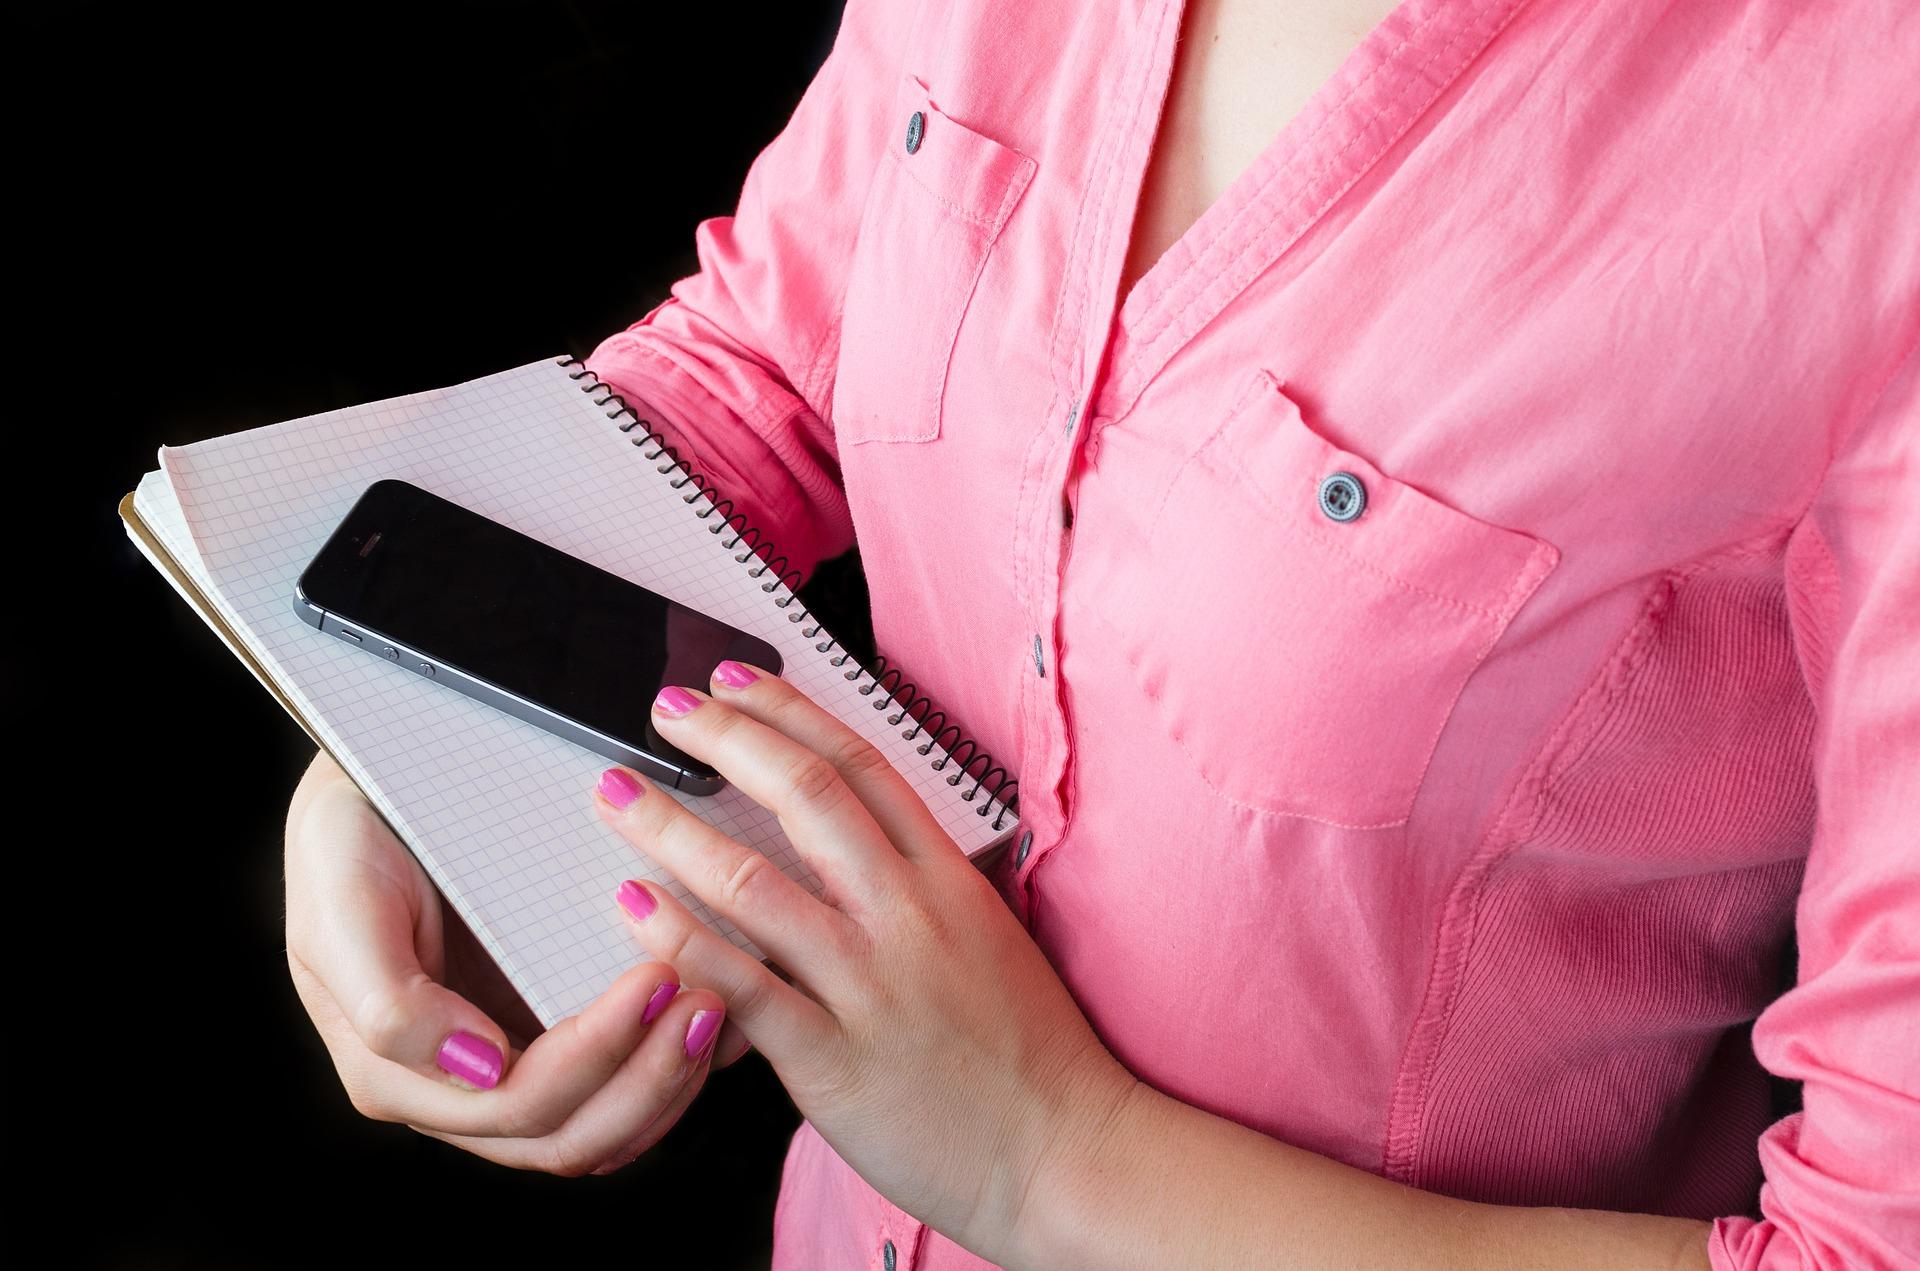 シャツを着た女性の胸元